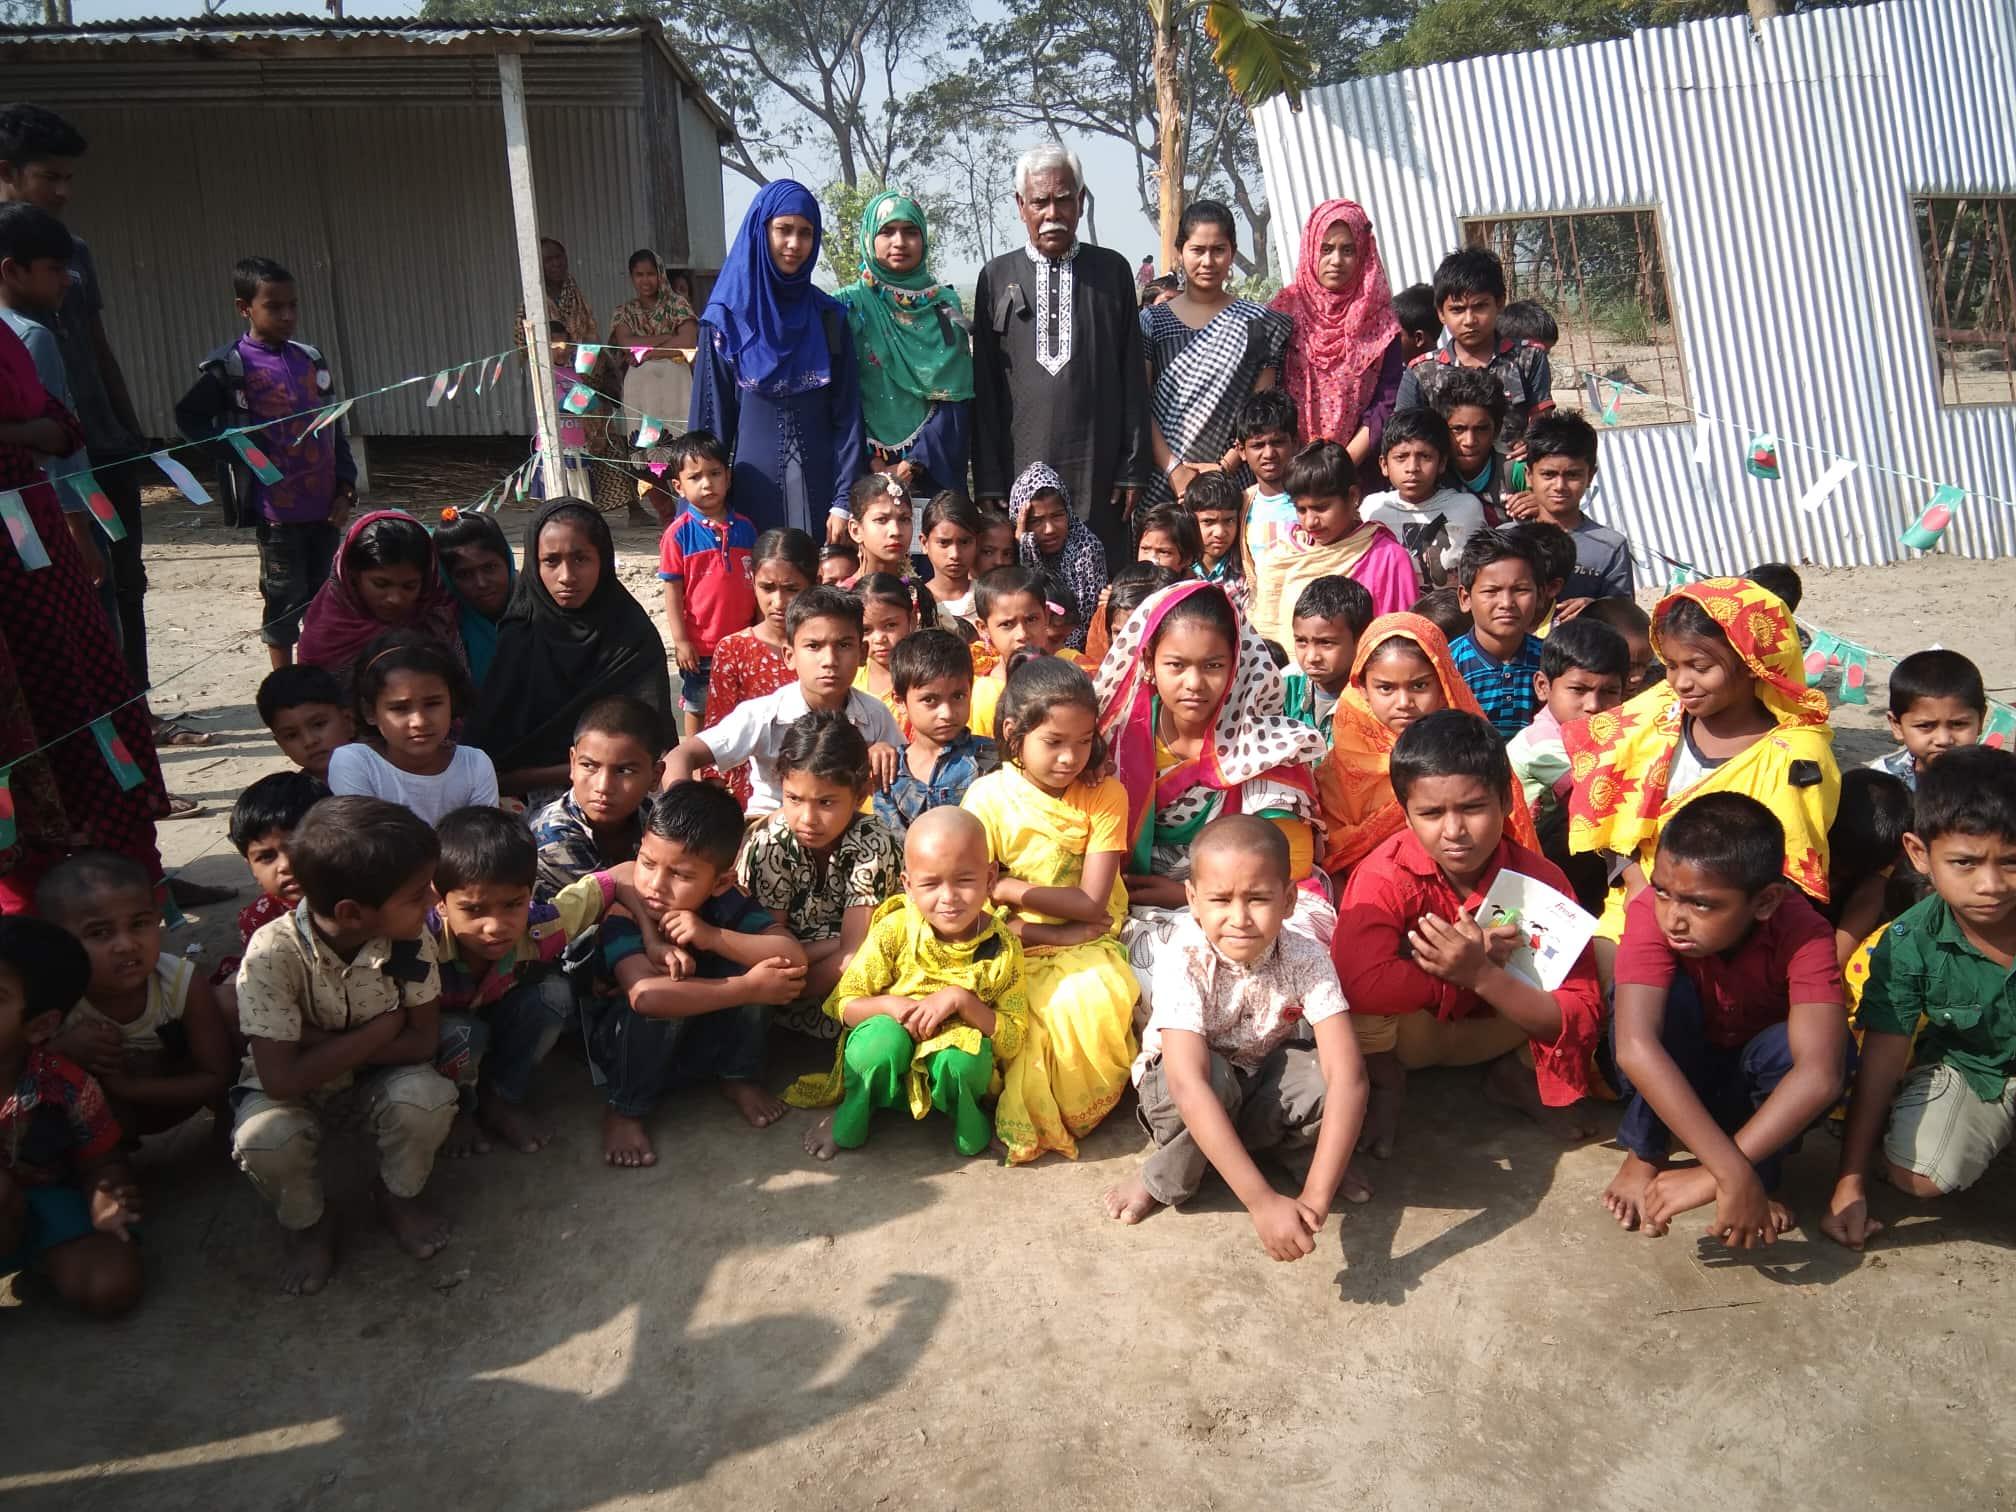 দোহারের শেখ রাশেল প্রাথমিক বিদ্যালয় পাচ্ছে শহিদ মিনার সাথে পাচ্ছে ৬ টি পাখা